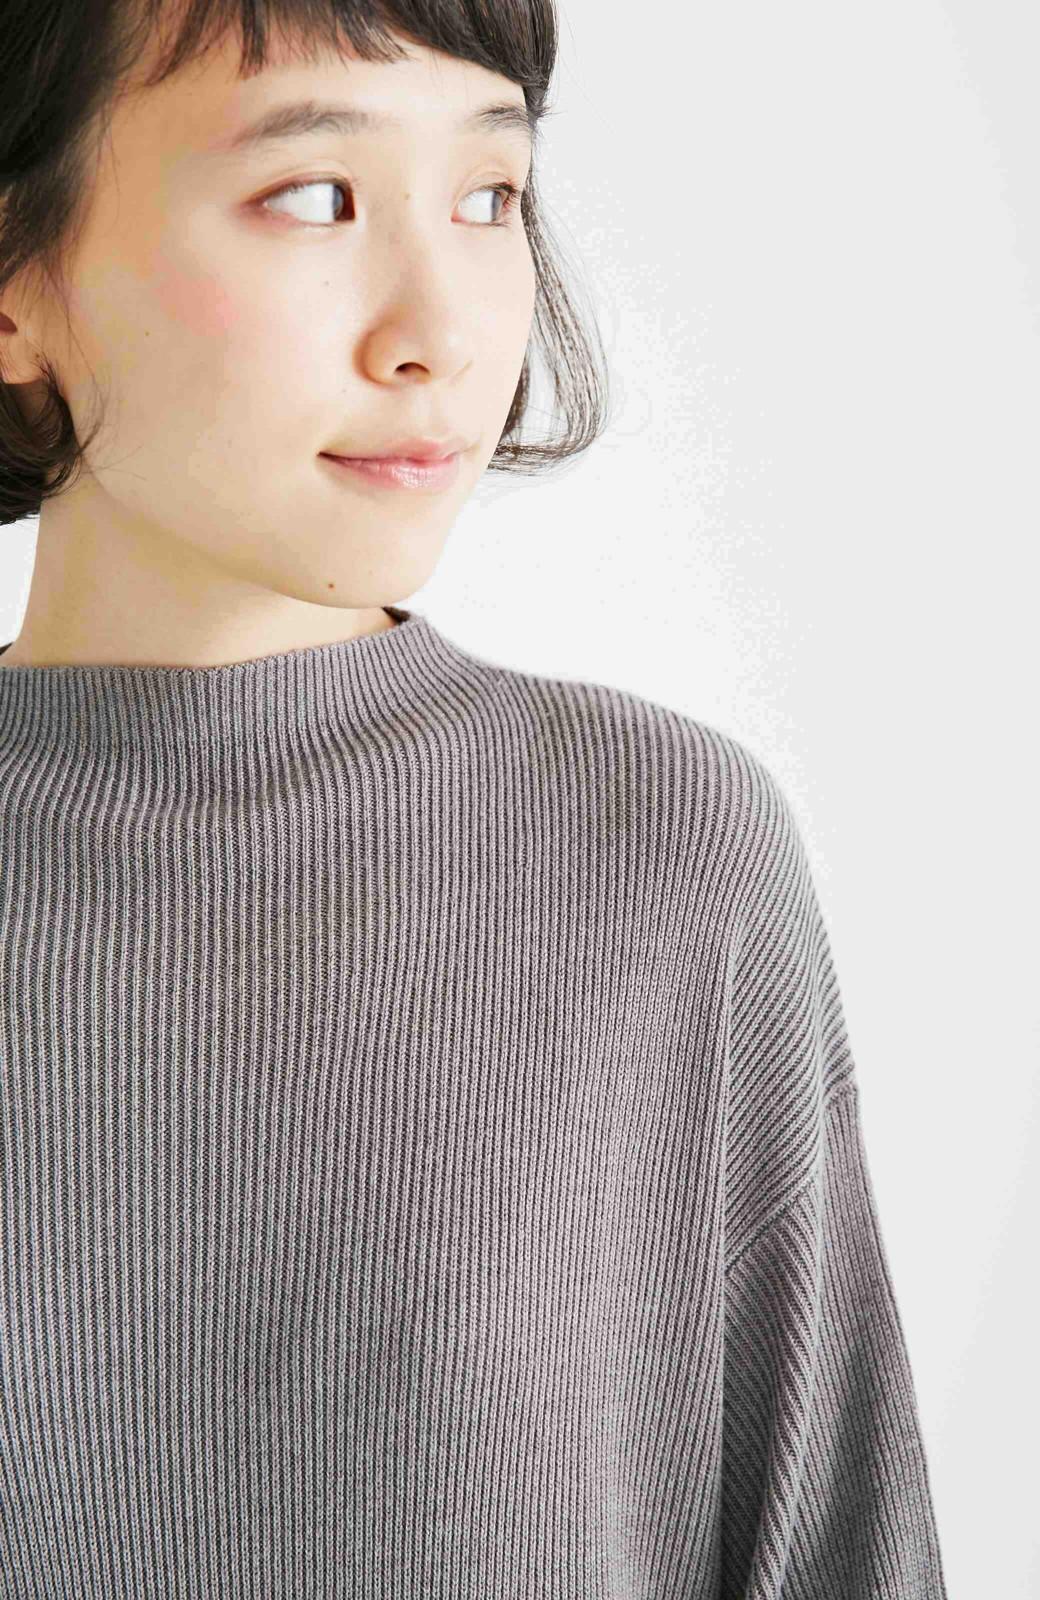 エムトロワ 吸湿発熱素材の袖ぷっくりリブニットワンピース <杢グレー>の商品写真6